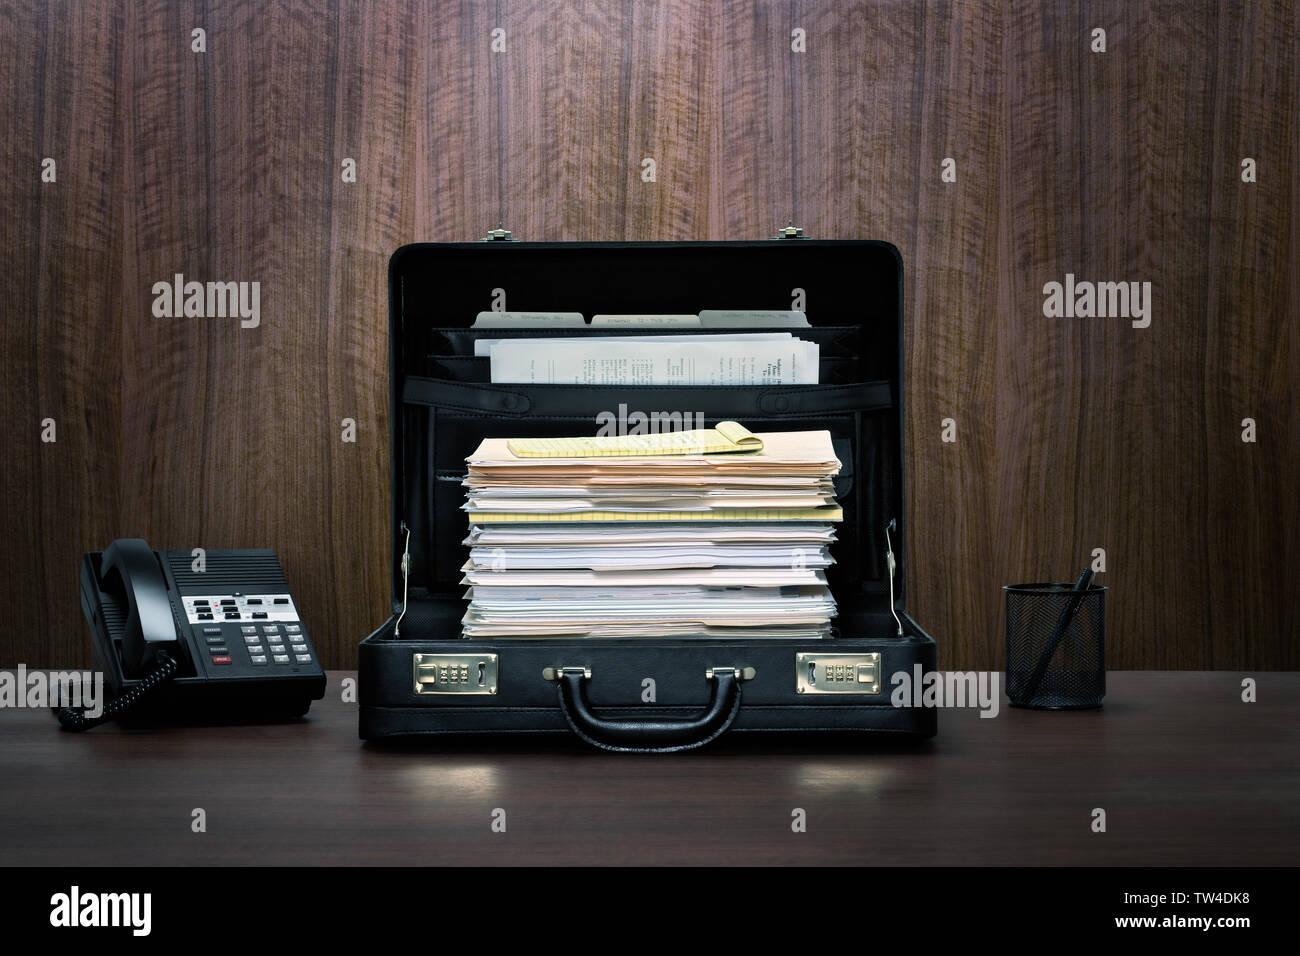 Et la surcharge de travail ambitieux, grande cheminée de fichiers et dossiers dans une valise en cuir noir sur bois bureau avec téléphone et panneau arrière-plan Photo Stock